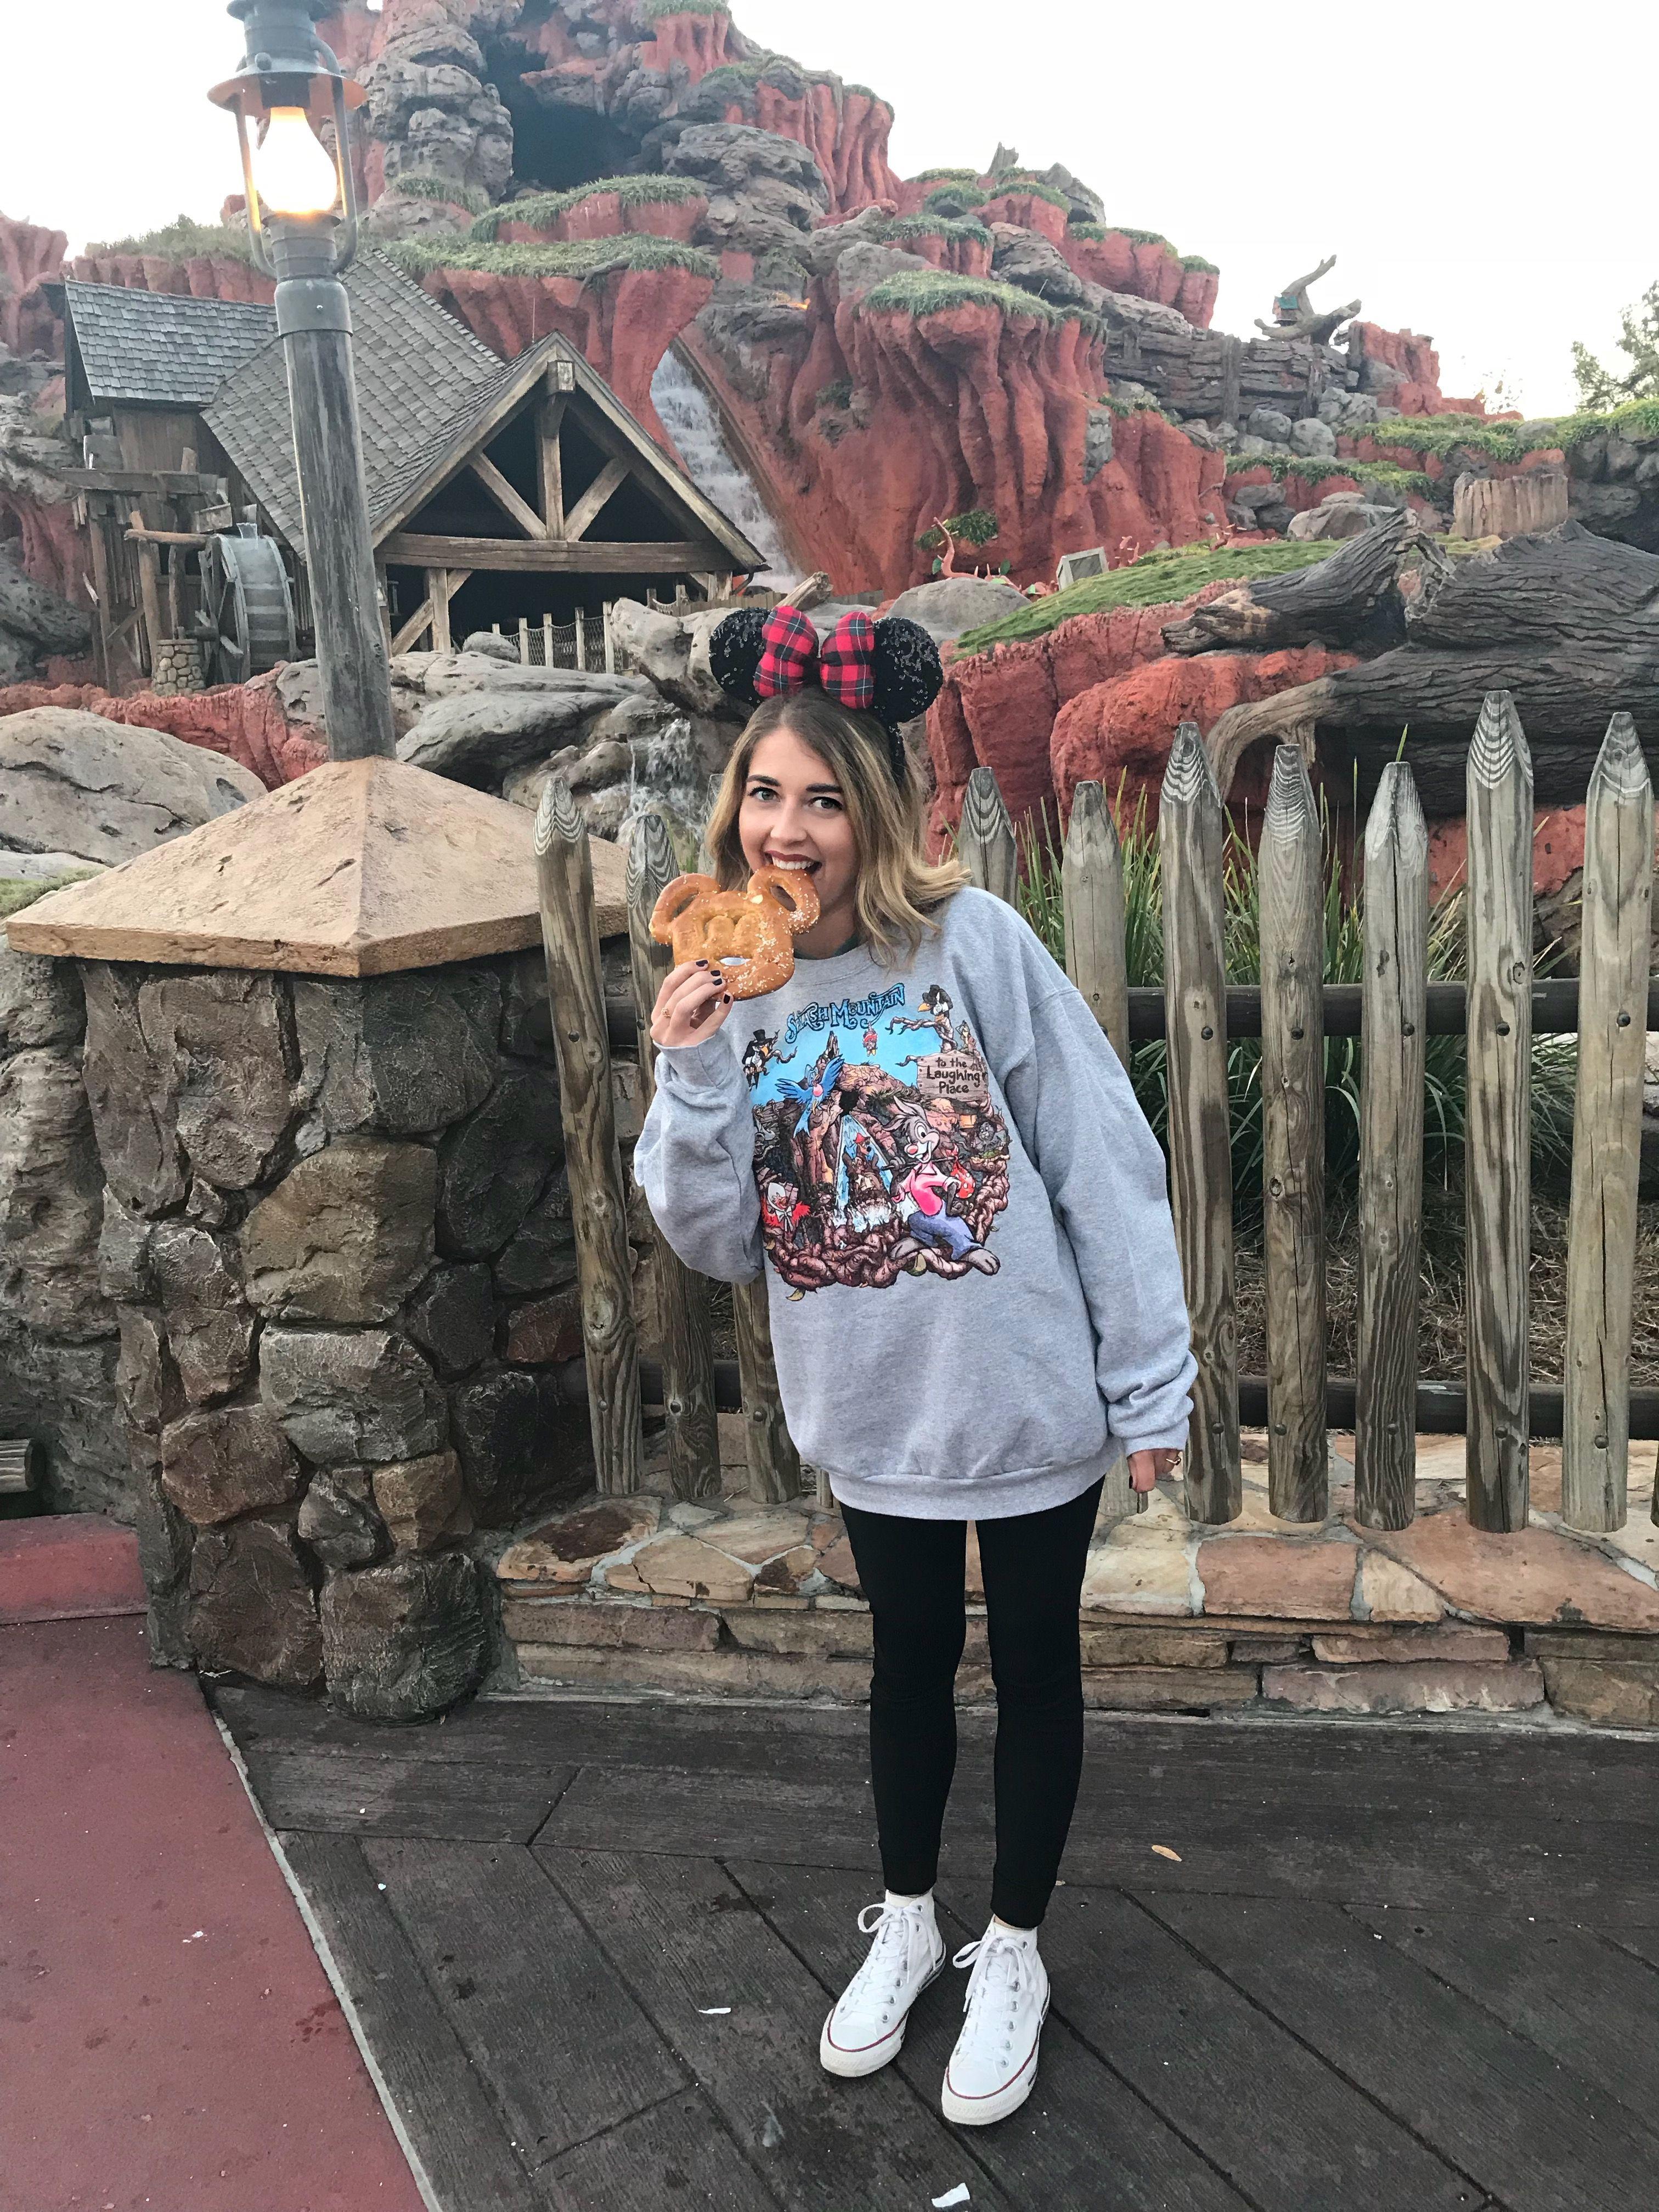 I N S T A G R A M @whittshayy  Disney world outfits, Cute disney